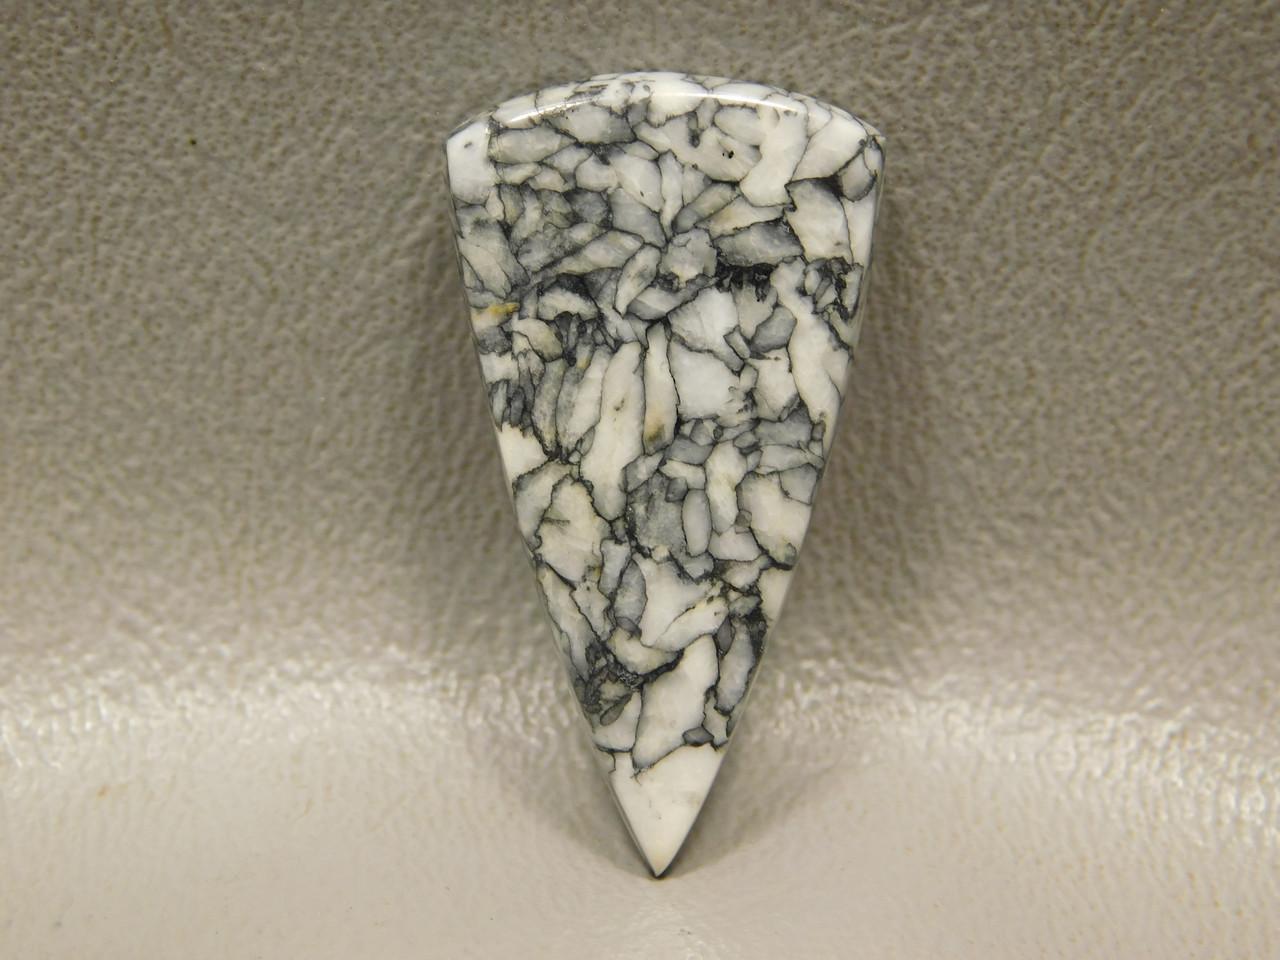 Pinolith or Pinolite Triangle Fossil Cabochon Stone Austria #6